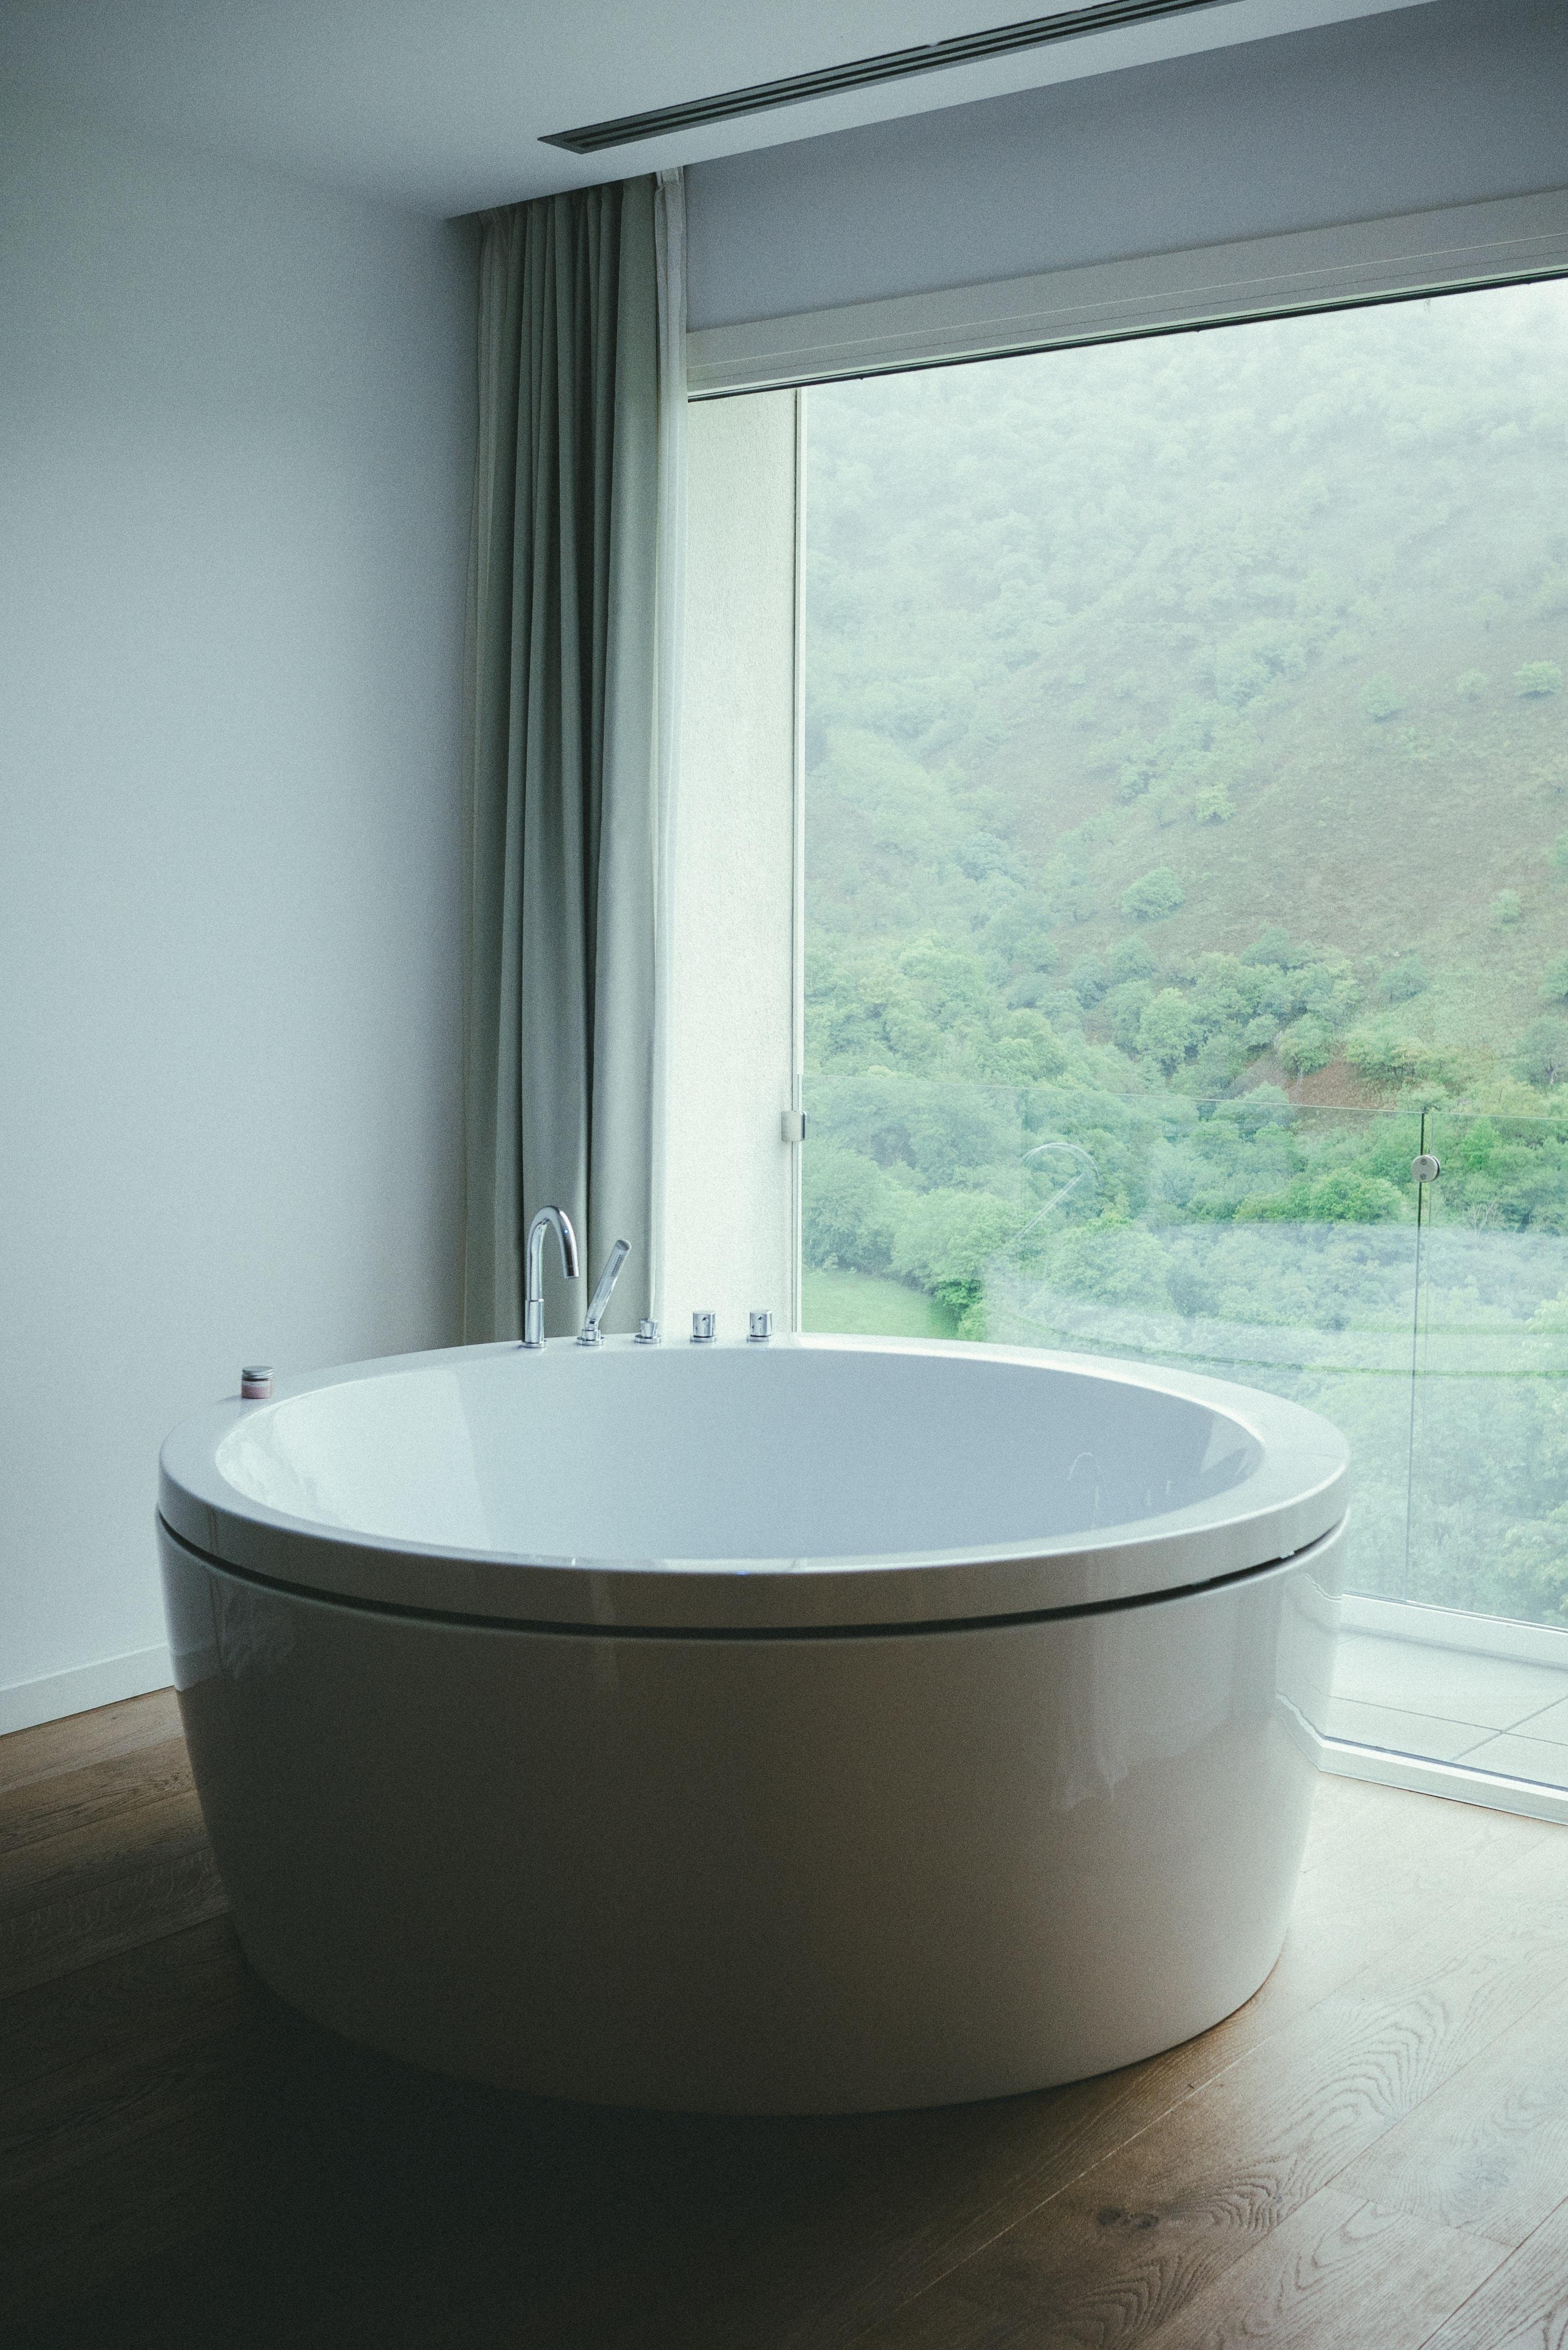 salle de bains avec baignoire et baie vitrée